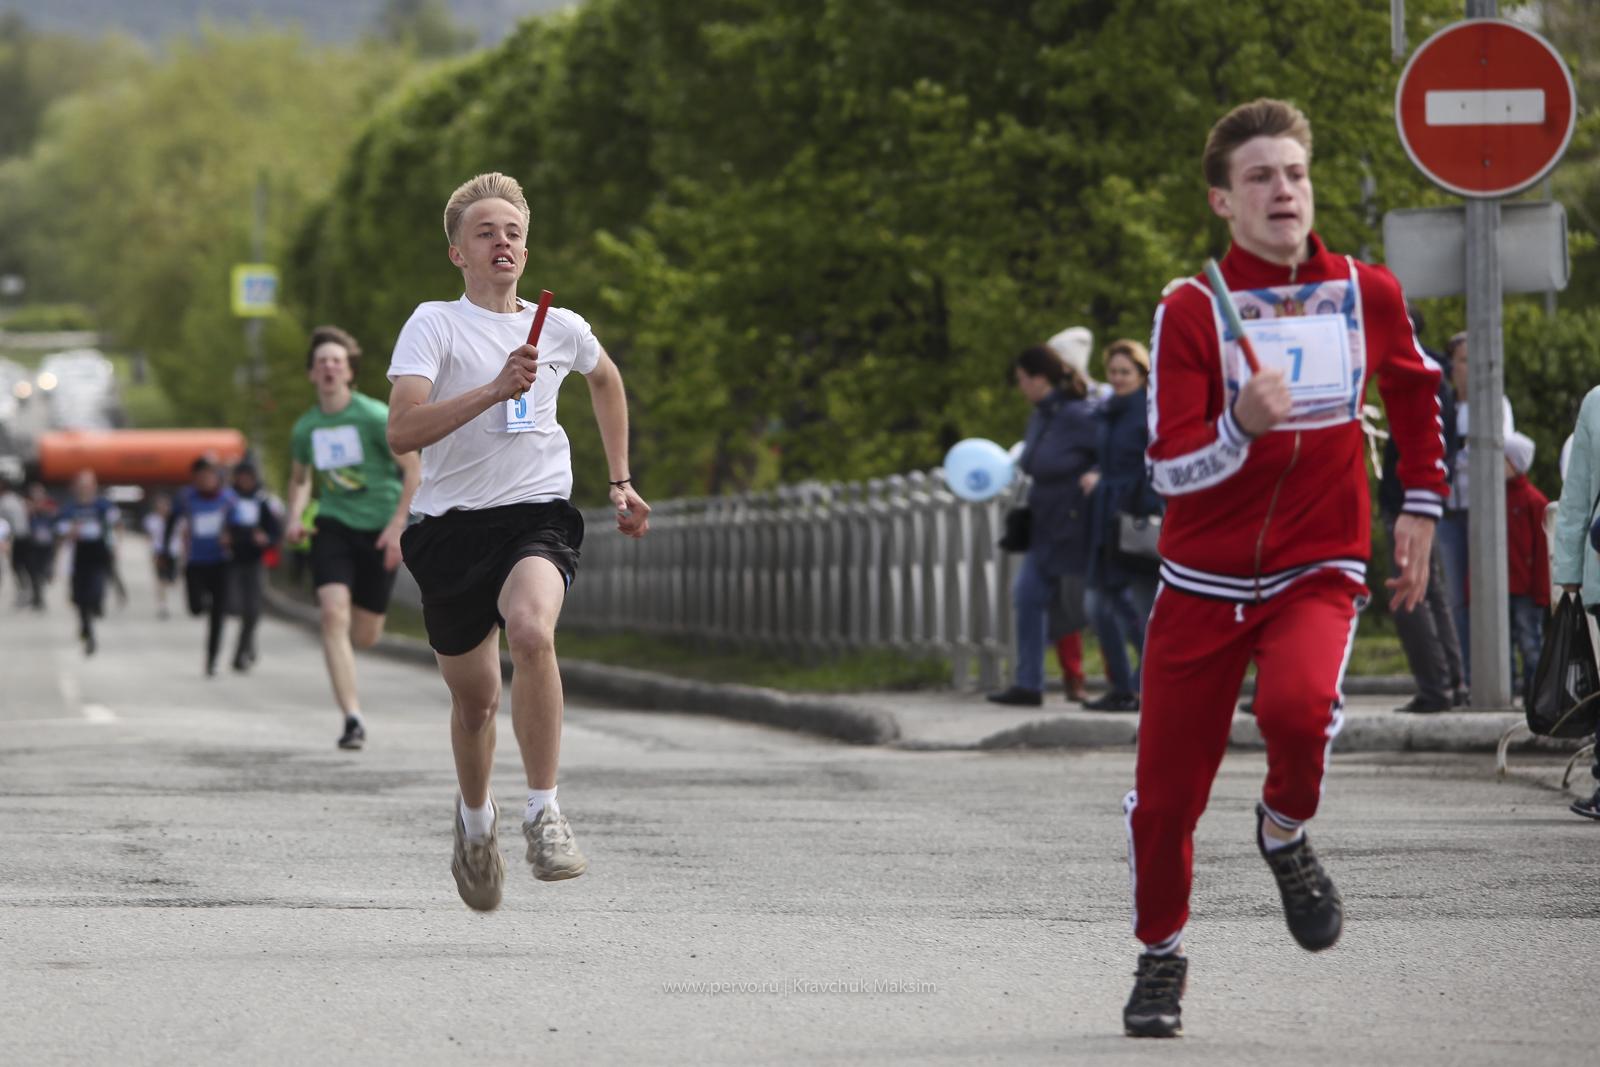 В Первоуральске прошла 85-я легкоатлетическая эстафета. Фотографии